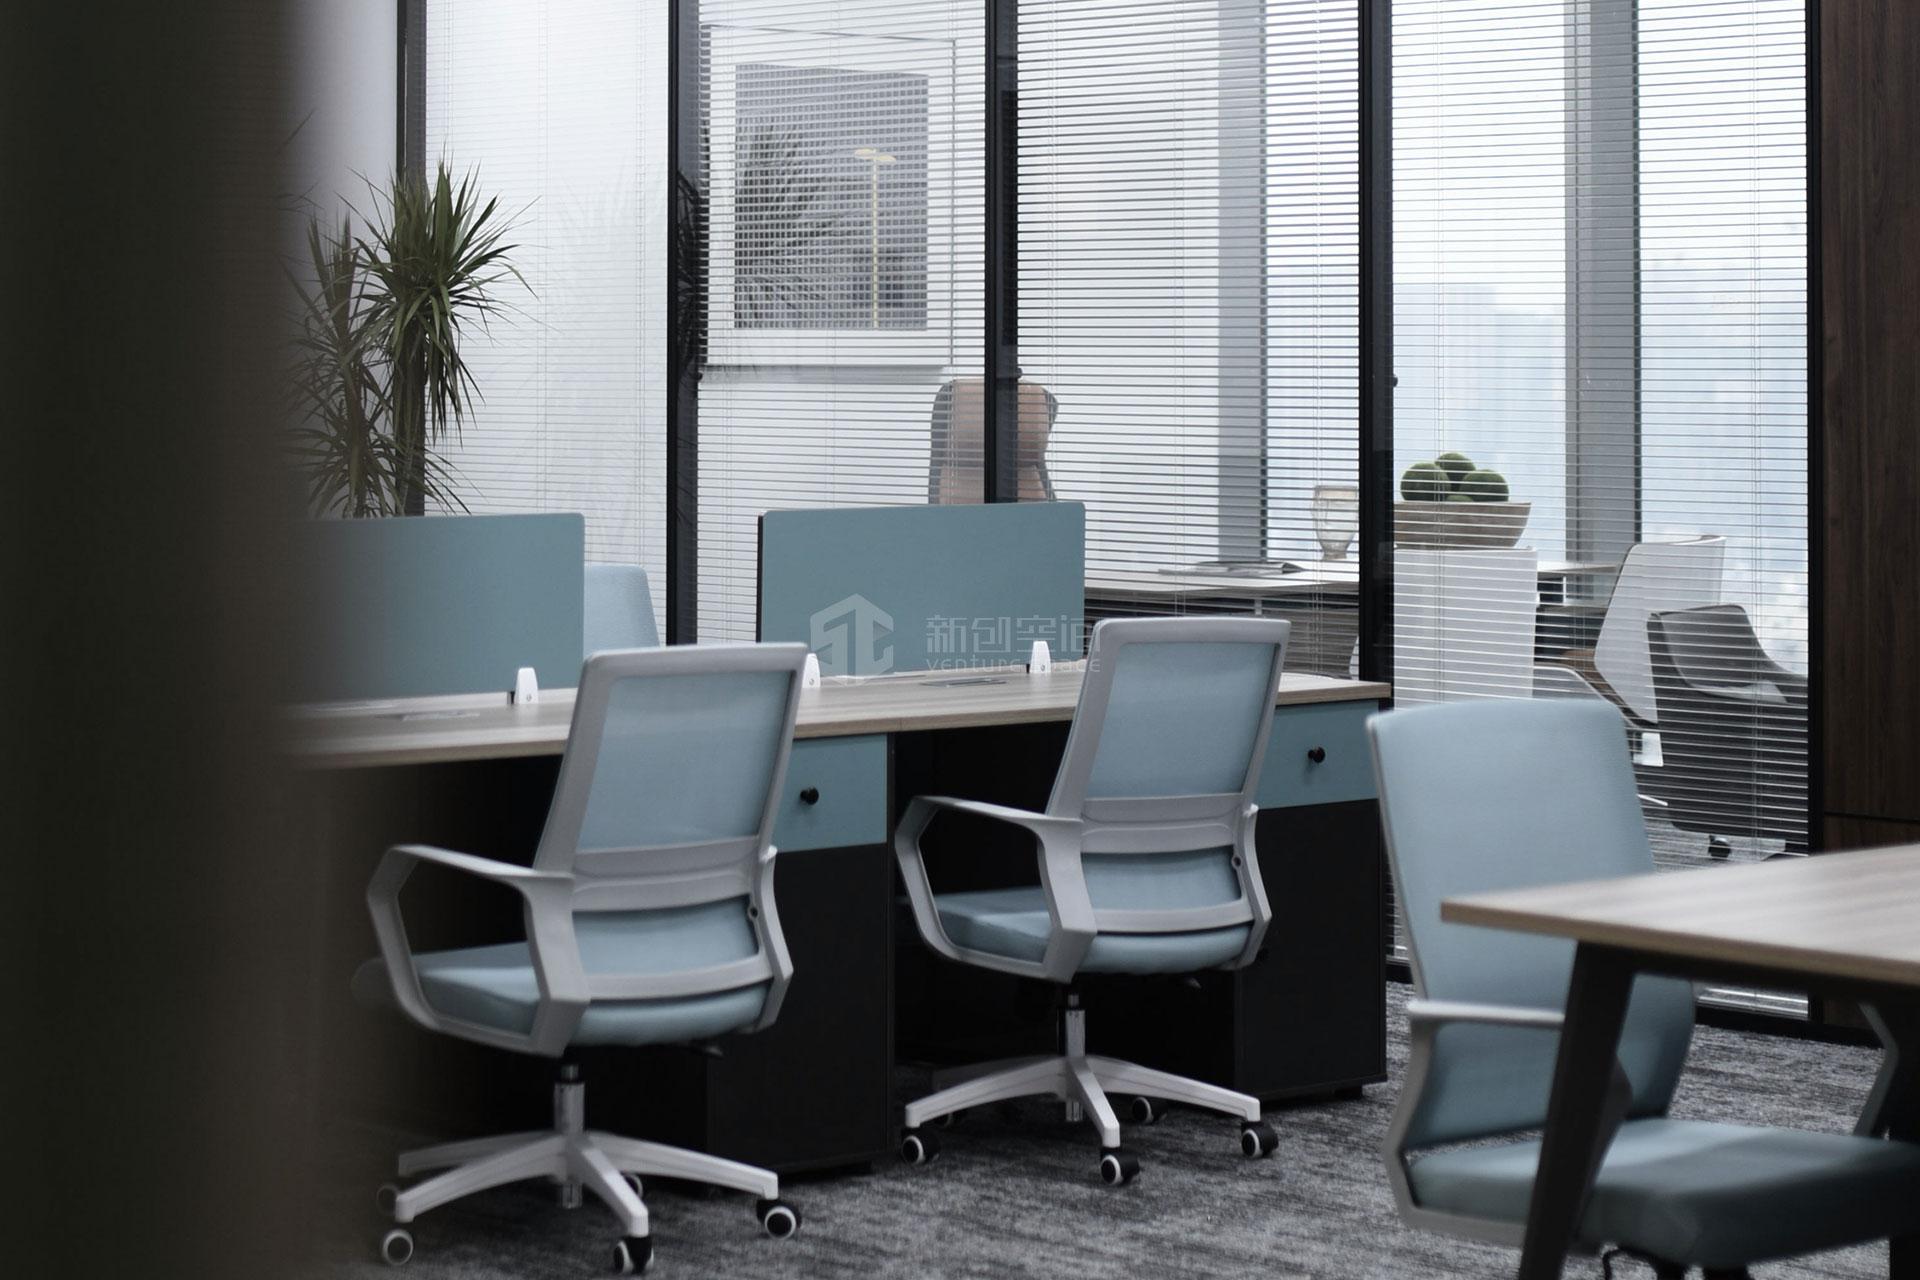 后疫情时代,办公空间将持续发展演变